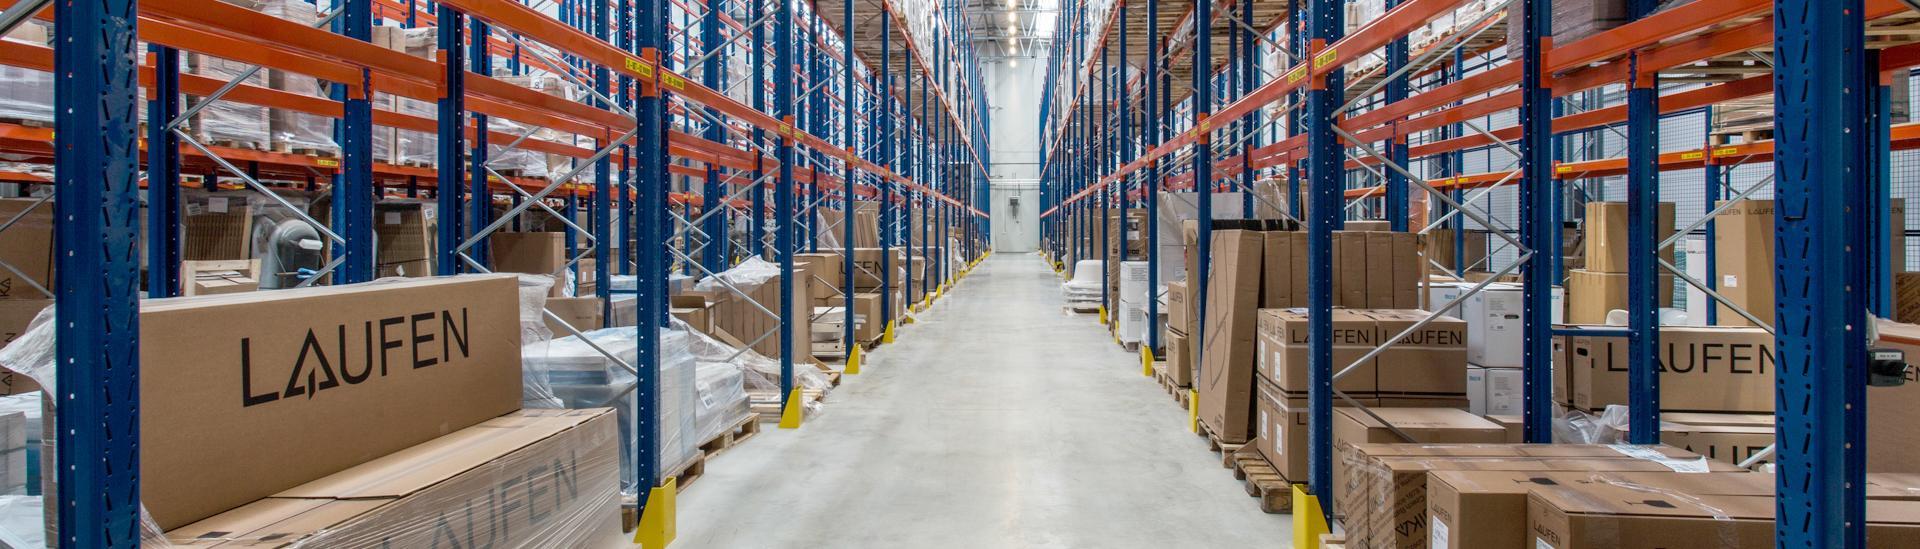 Storage buildings interior CZ0653 LAUFEN SO04